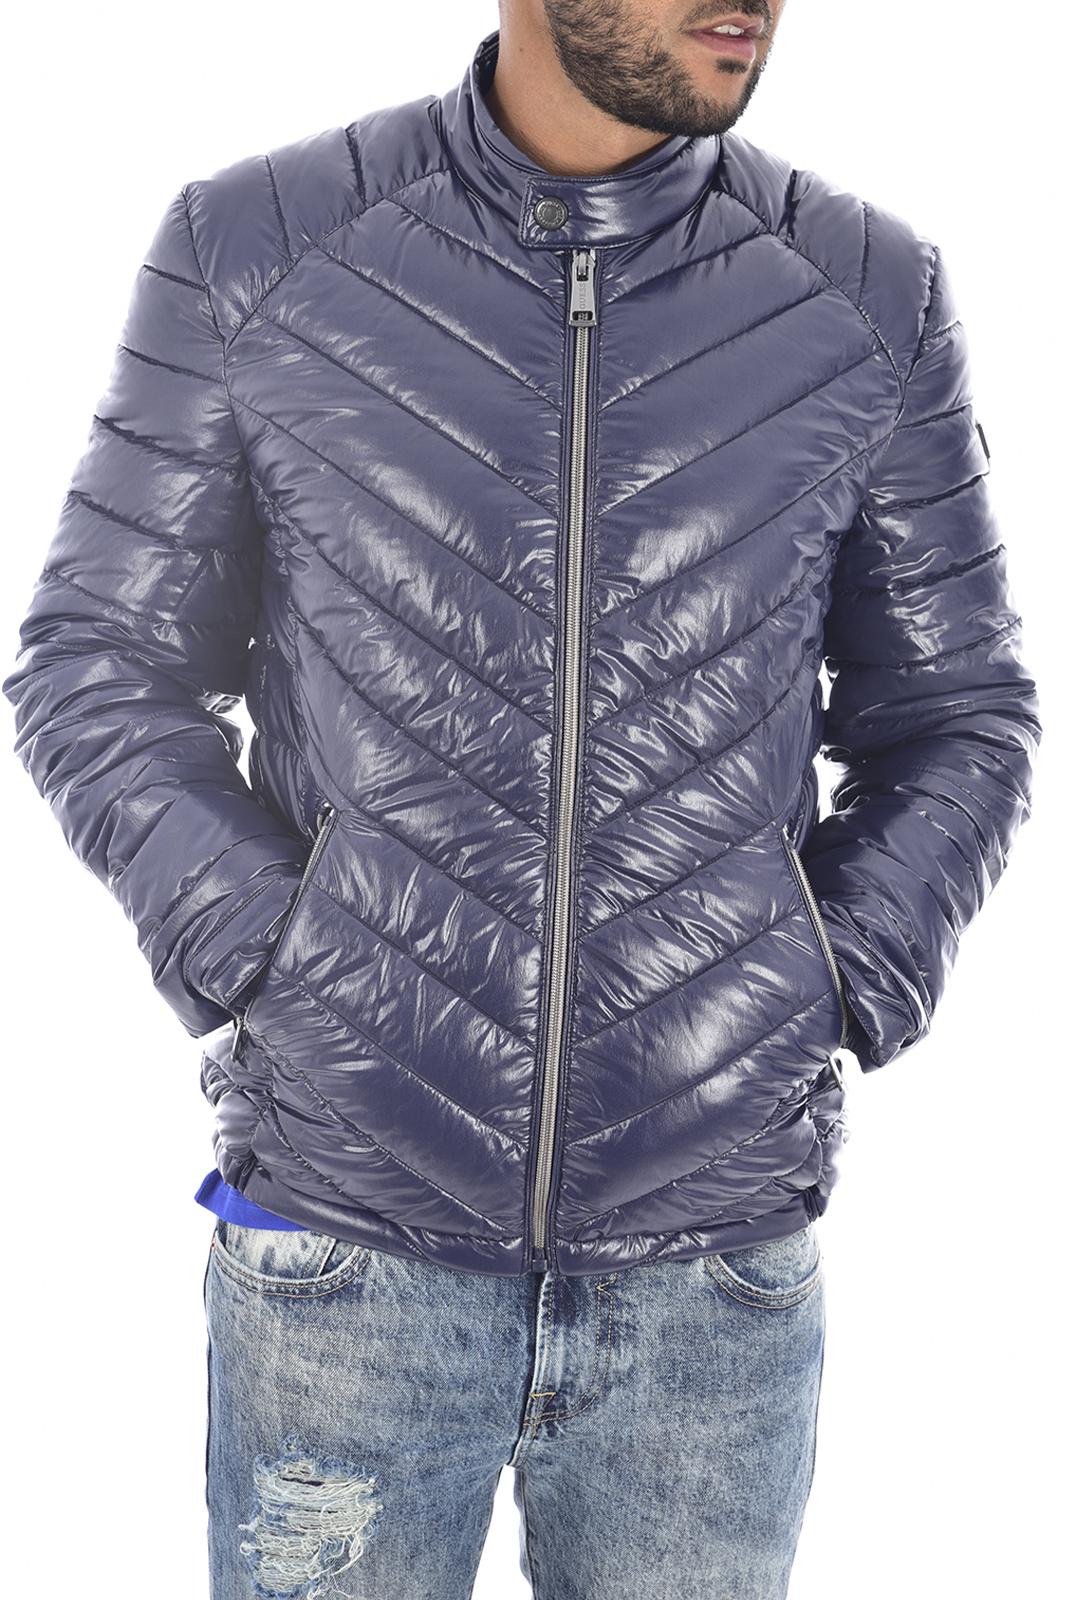 Blousons / doudounes  Guess jeans M94L05 WC270 G720 BLUE NAVY